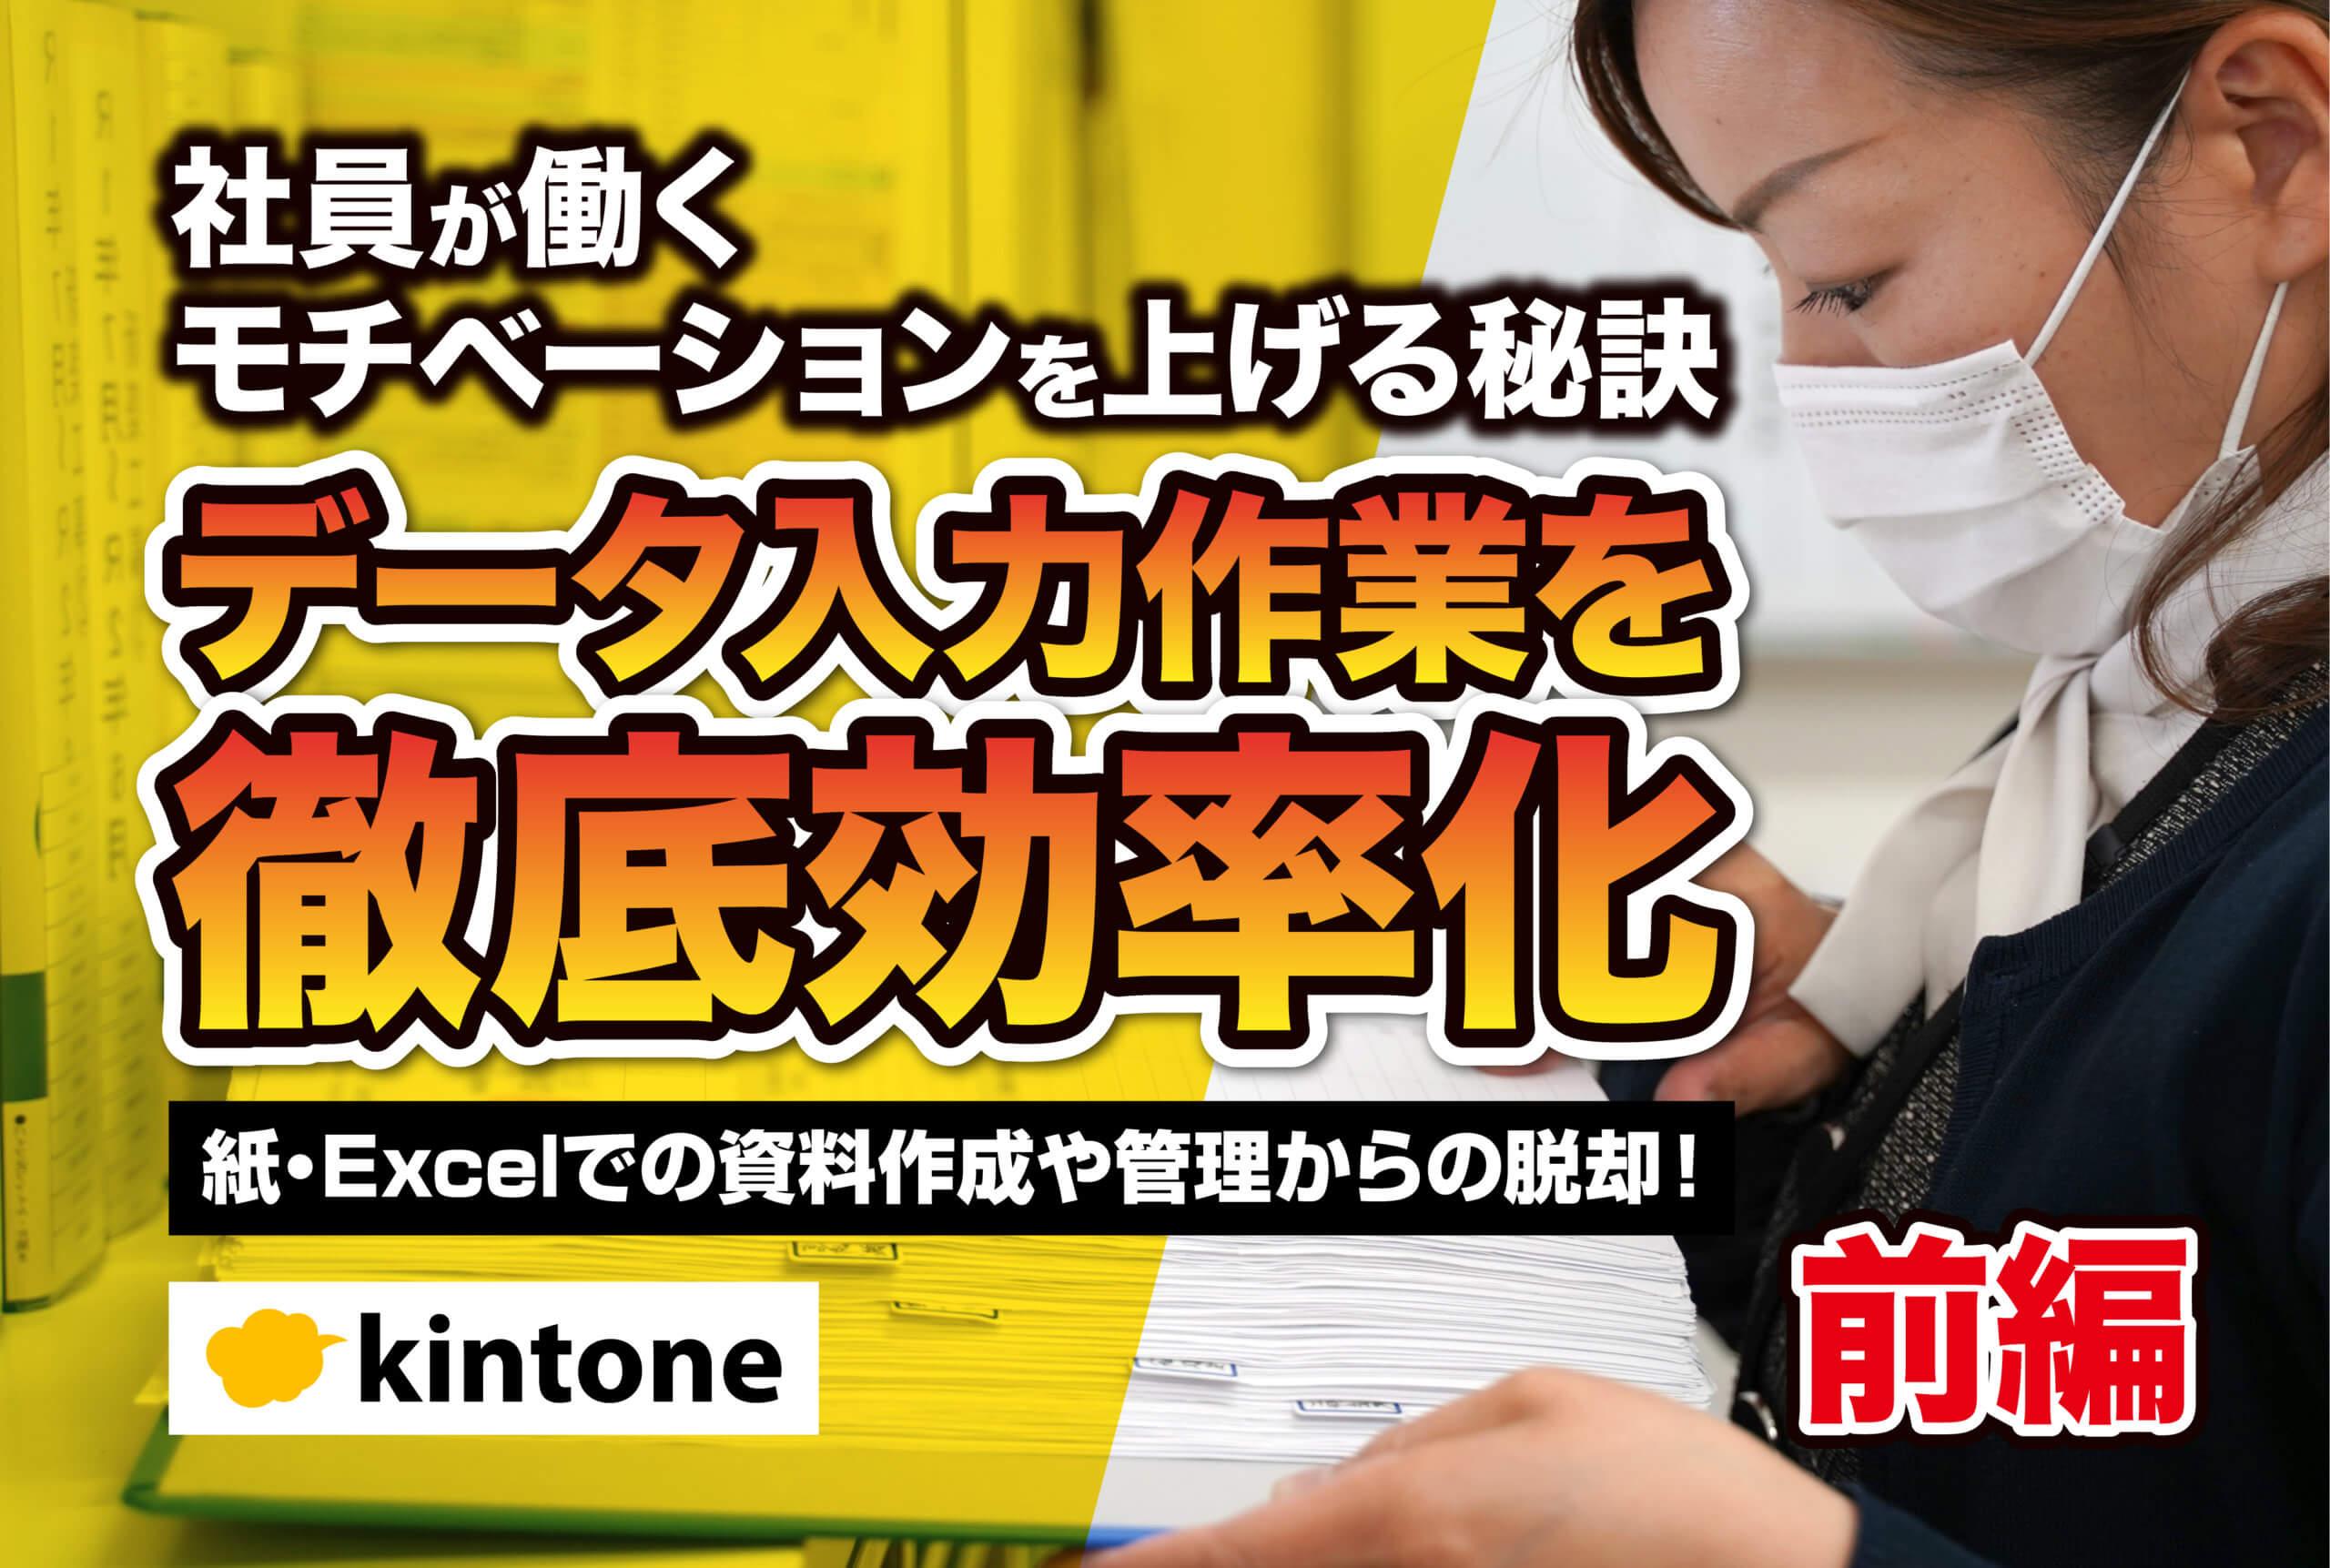 データ入力作業を効率化してモチベーションを上げよう。kintone(キントーン)による働き方改革事例|建設業株式会社中美建設さまの事例-前編